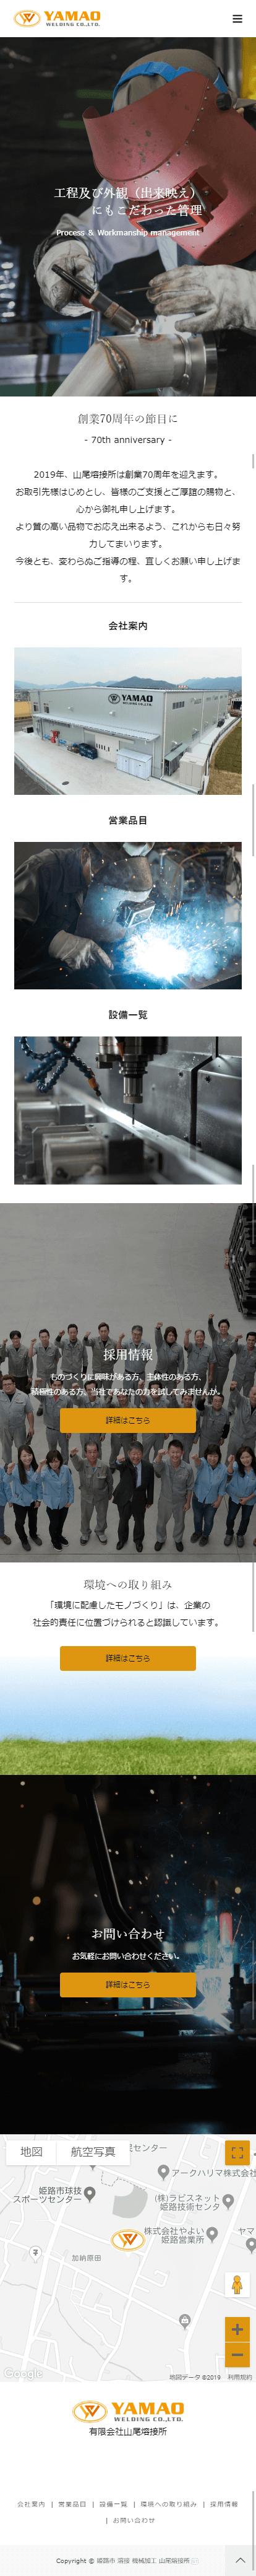 姫路市 有限会社山尾熔接所 ホームページ制作3